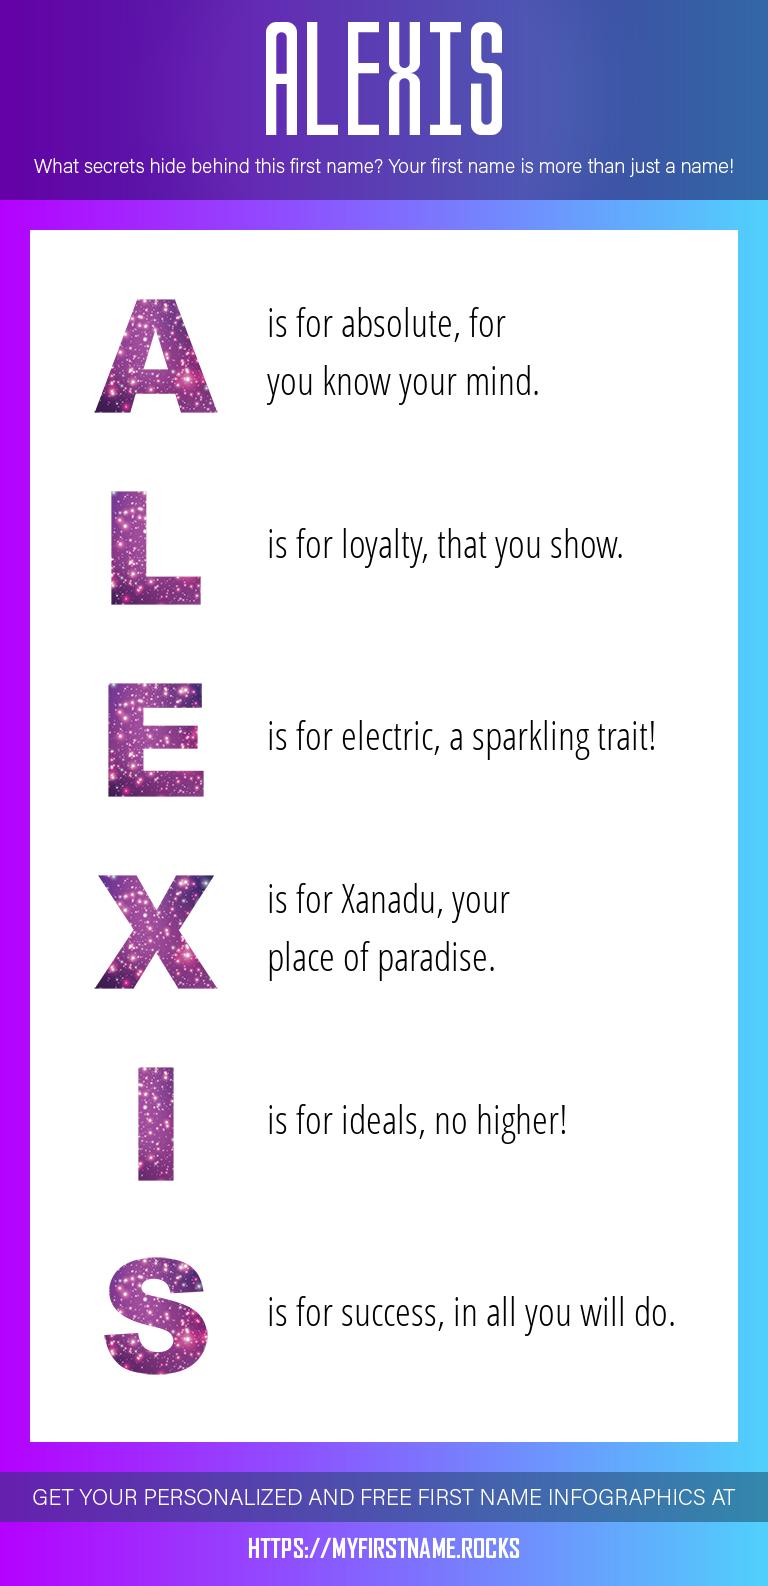 Alexis Infographics